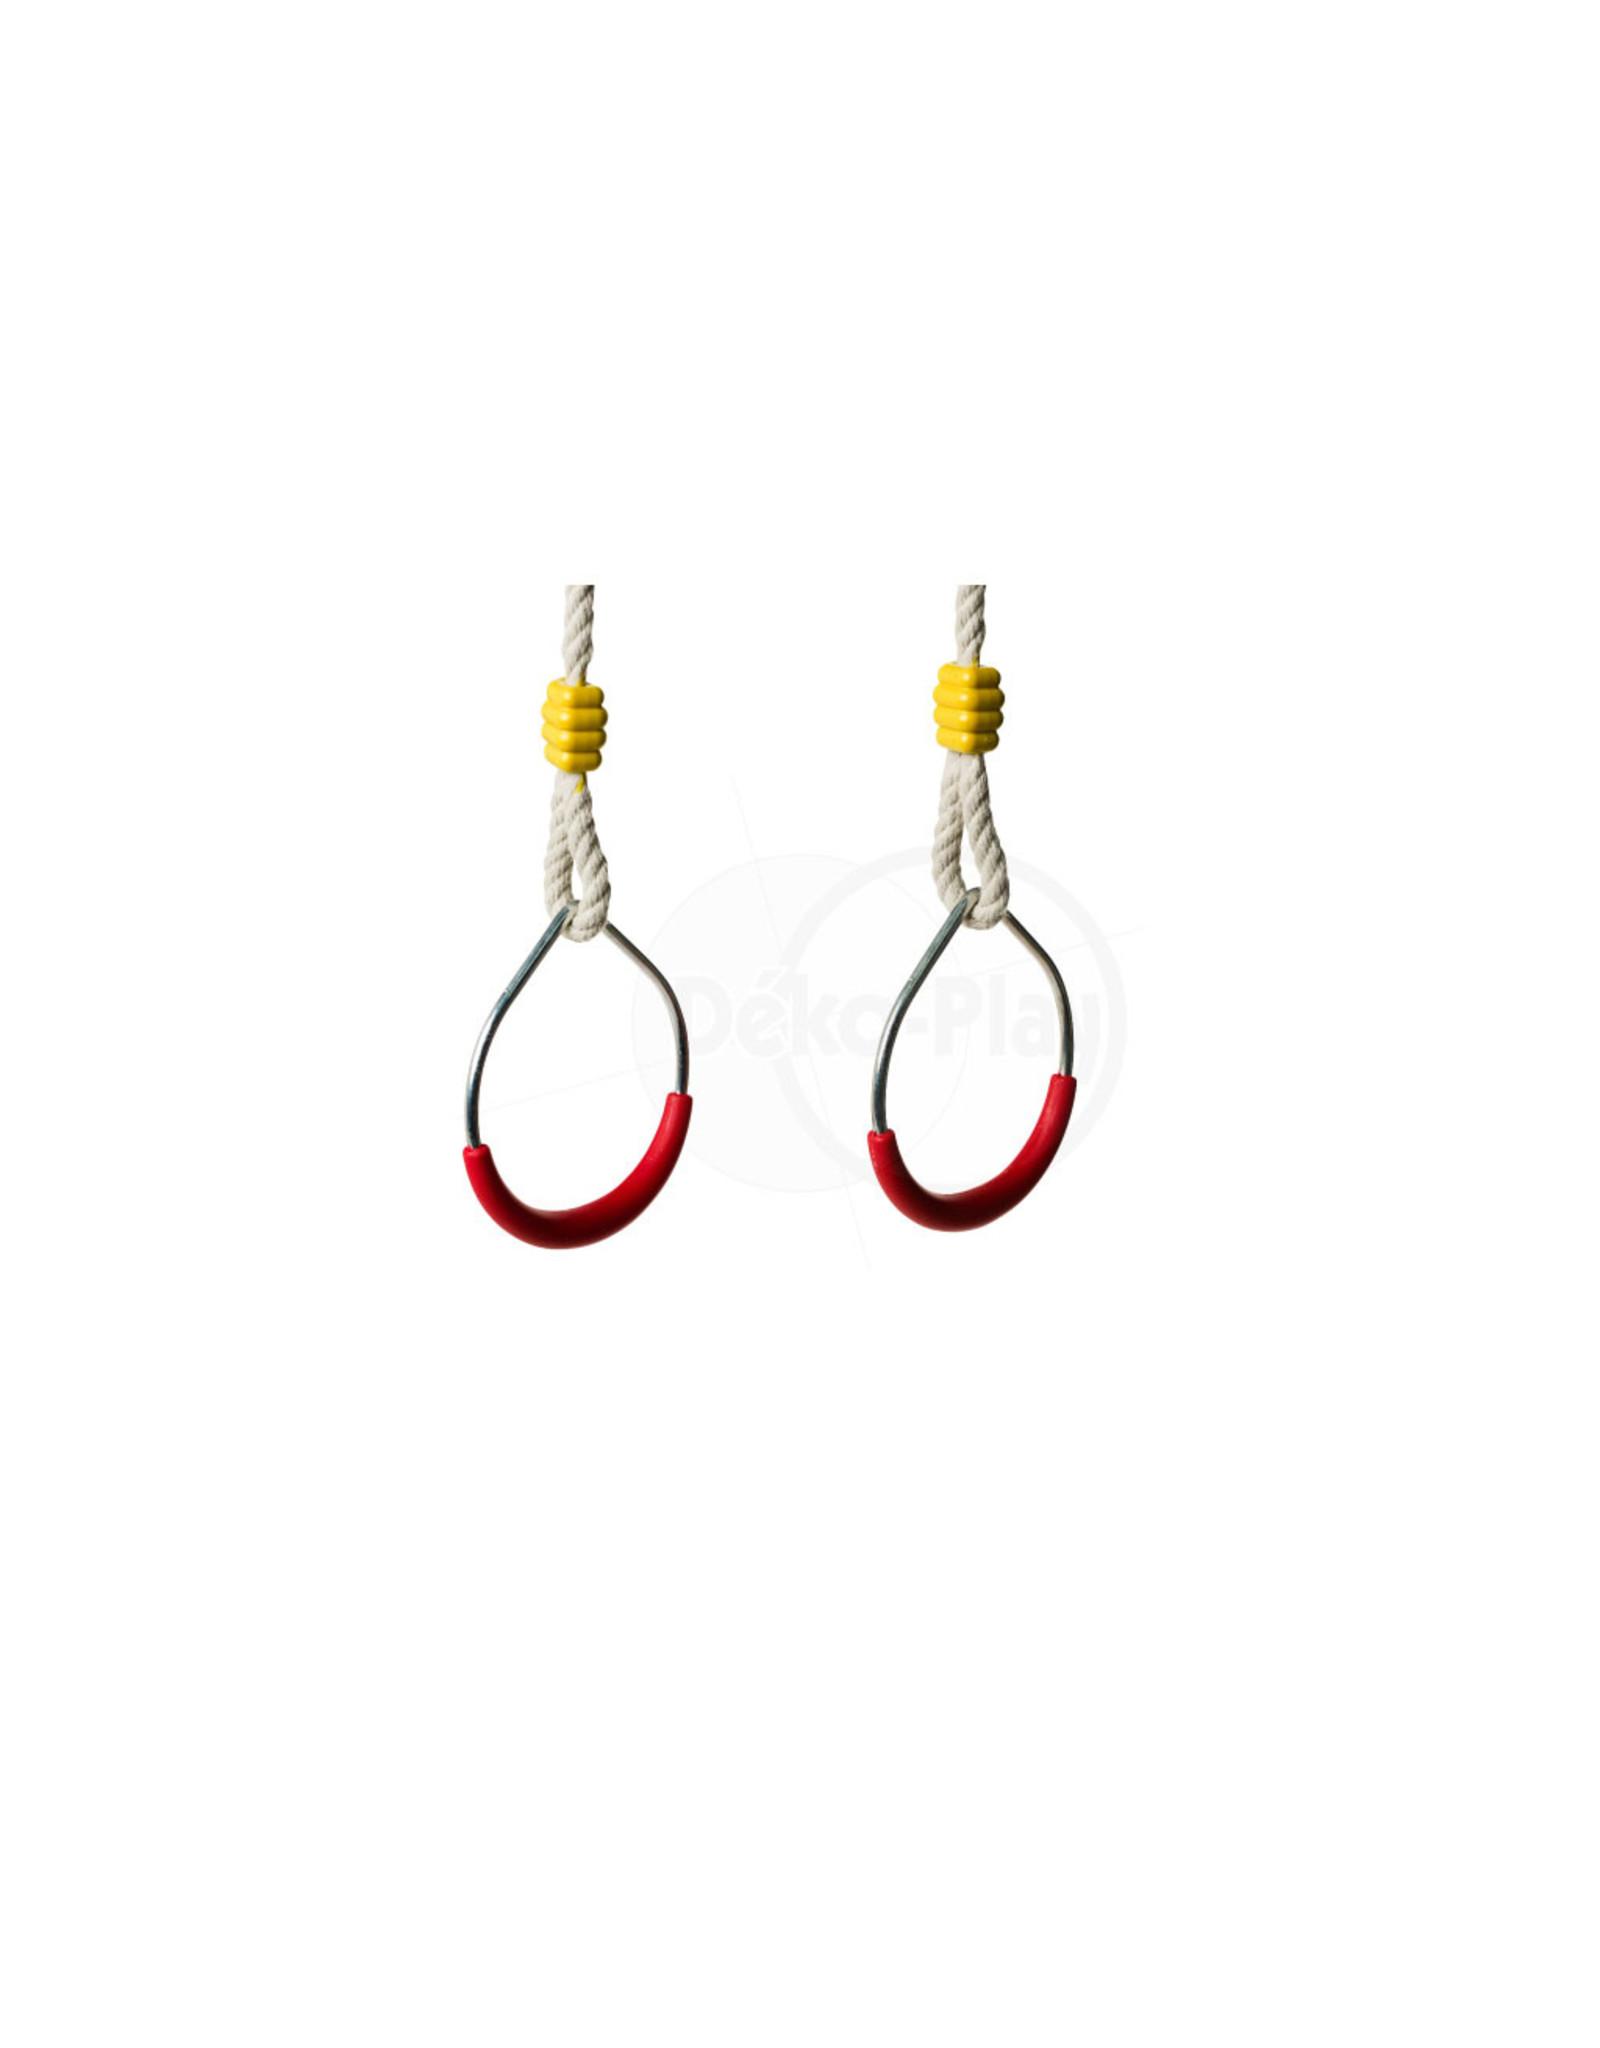 Déko-Play Déko-Play metalen ringen set 12,5 cm met PH touwen